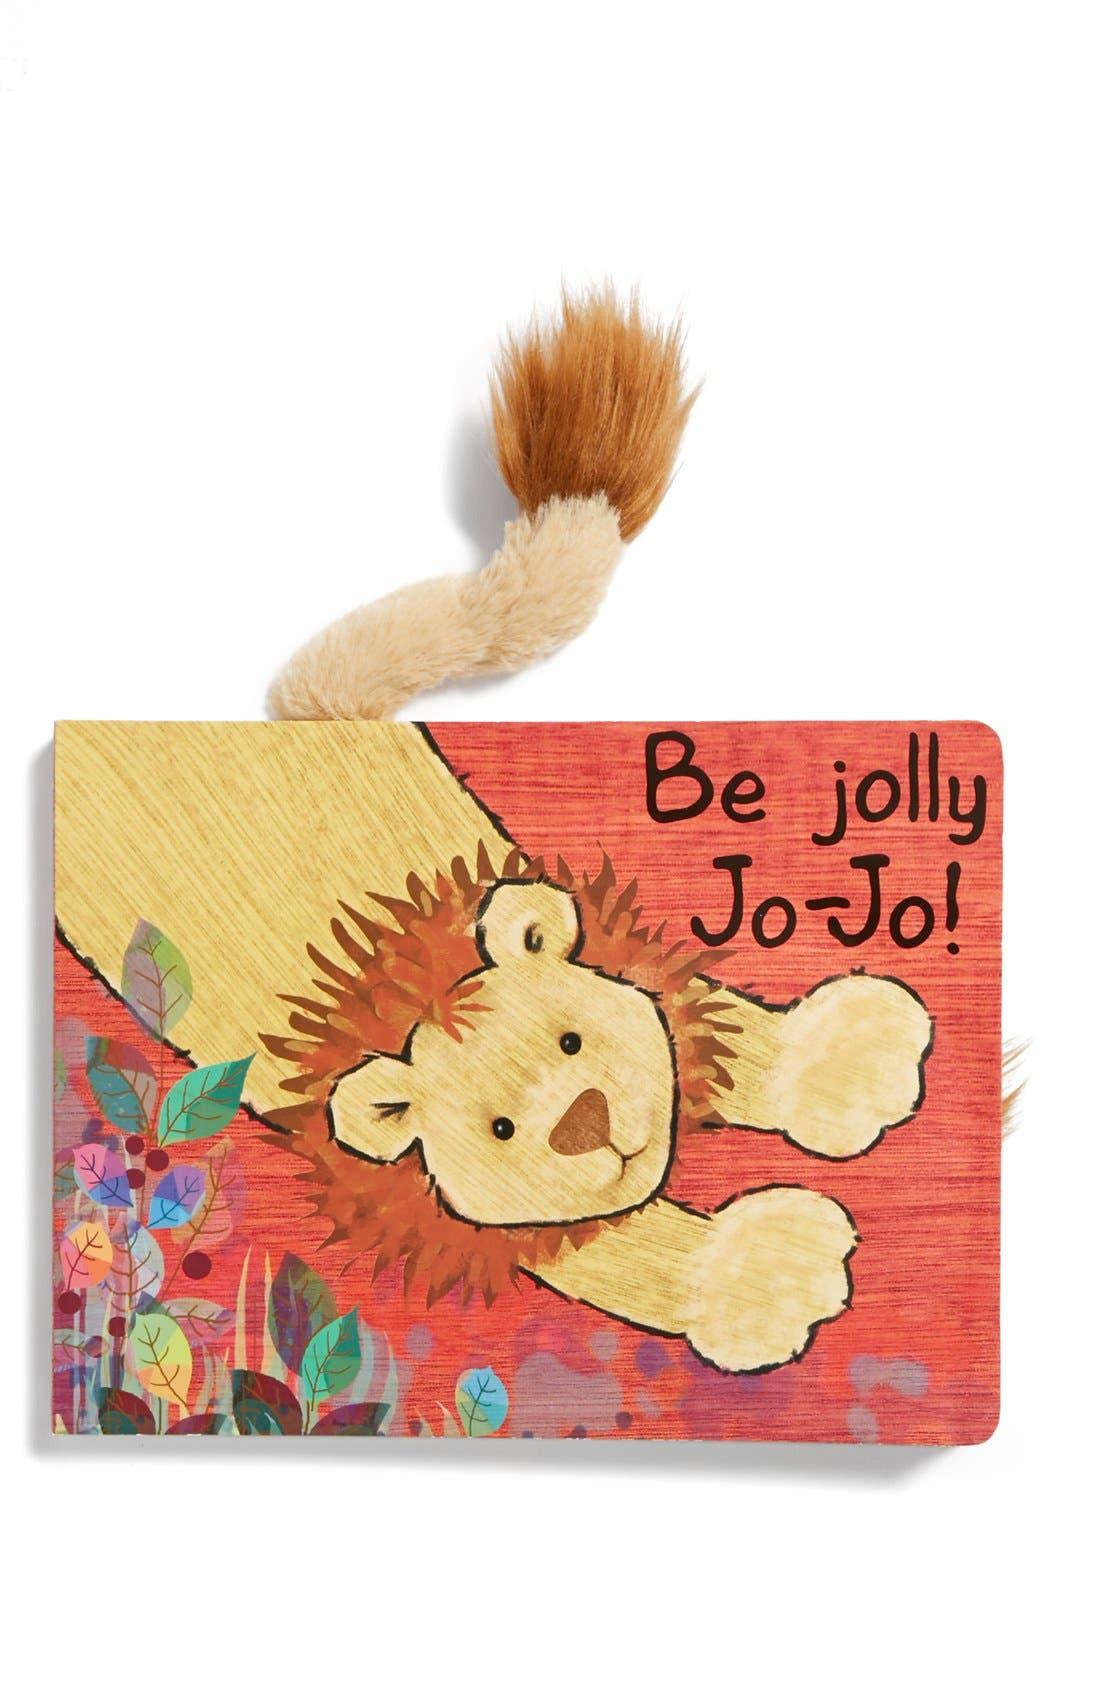 JELLYCAT 'Be Jolly Jo-Jo!' Book